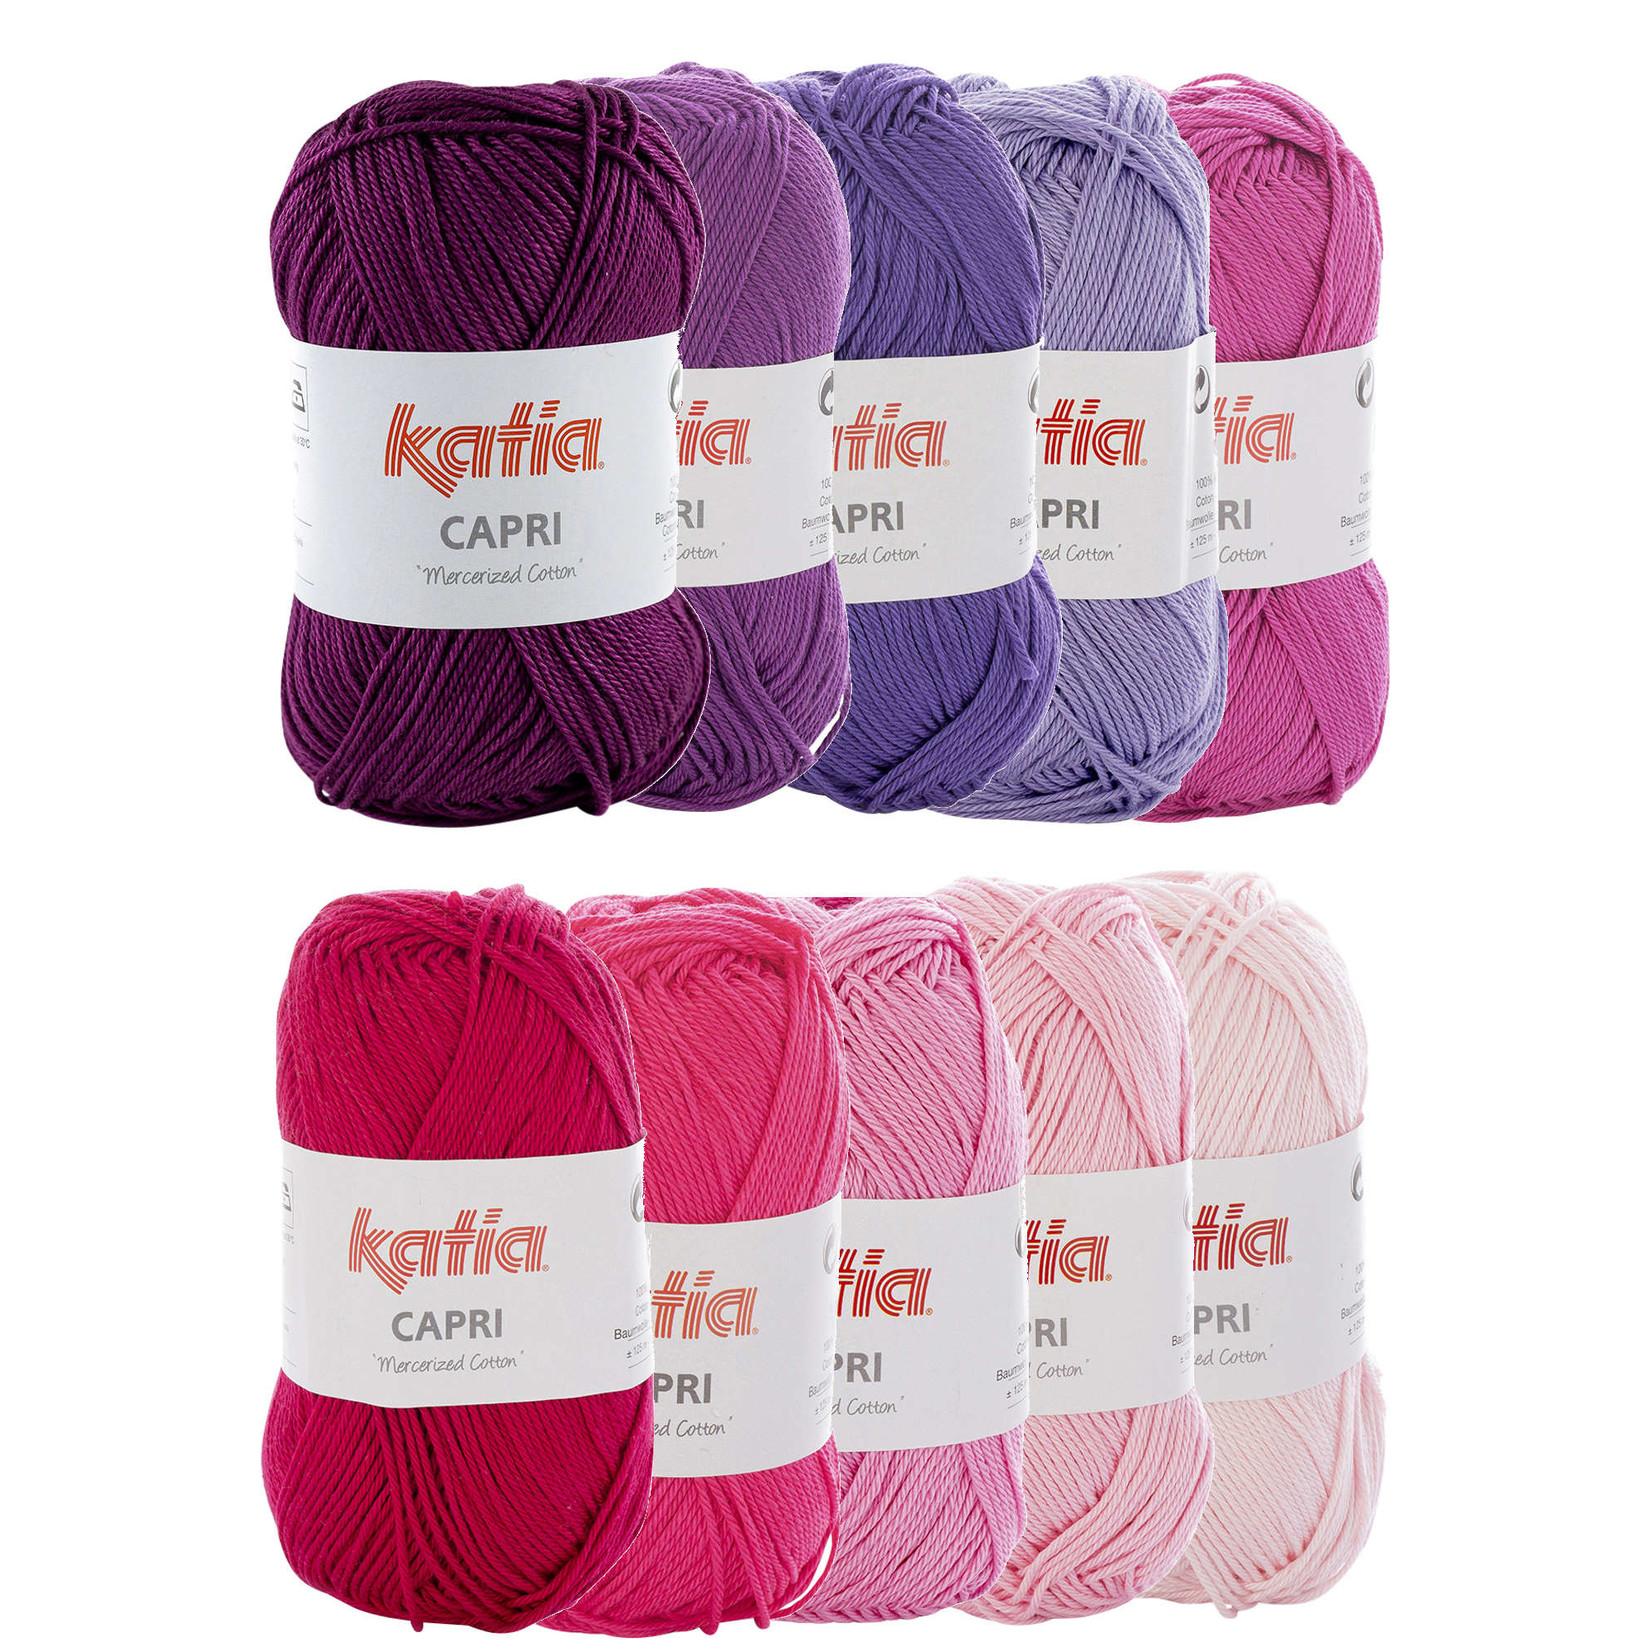 Katia Katia Capri kleurenbundel Roze 10 x 50 gr. = 125 m. gemerceriseerde katoen